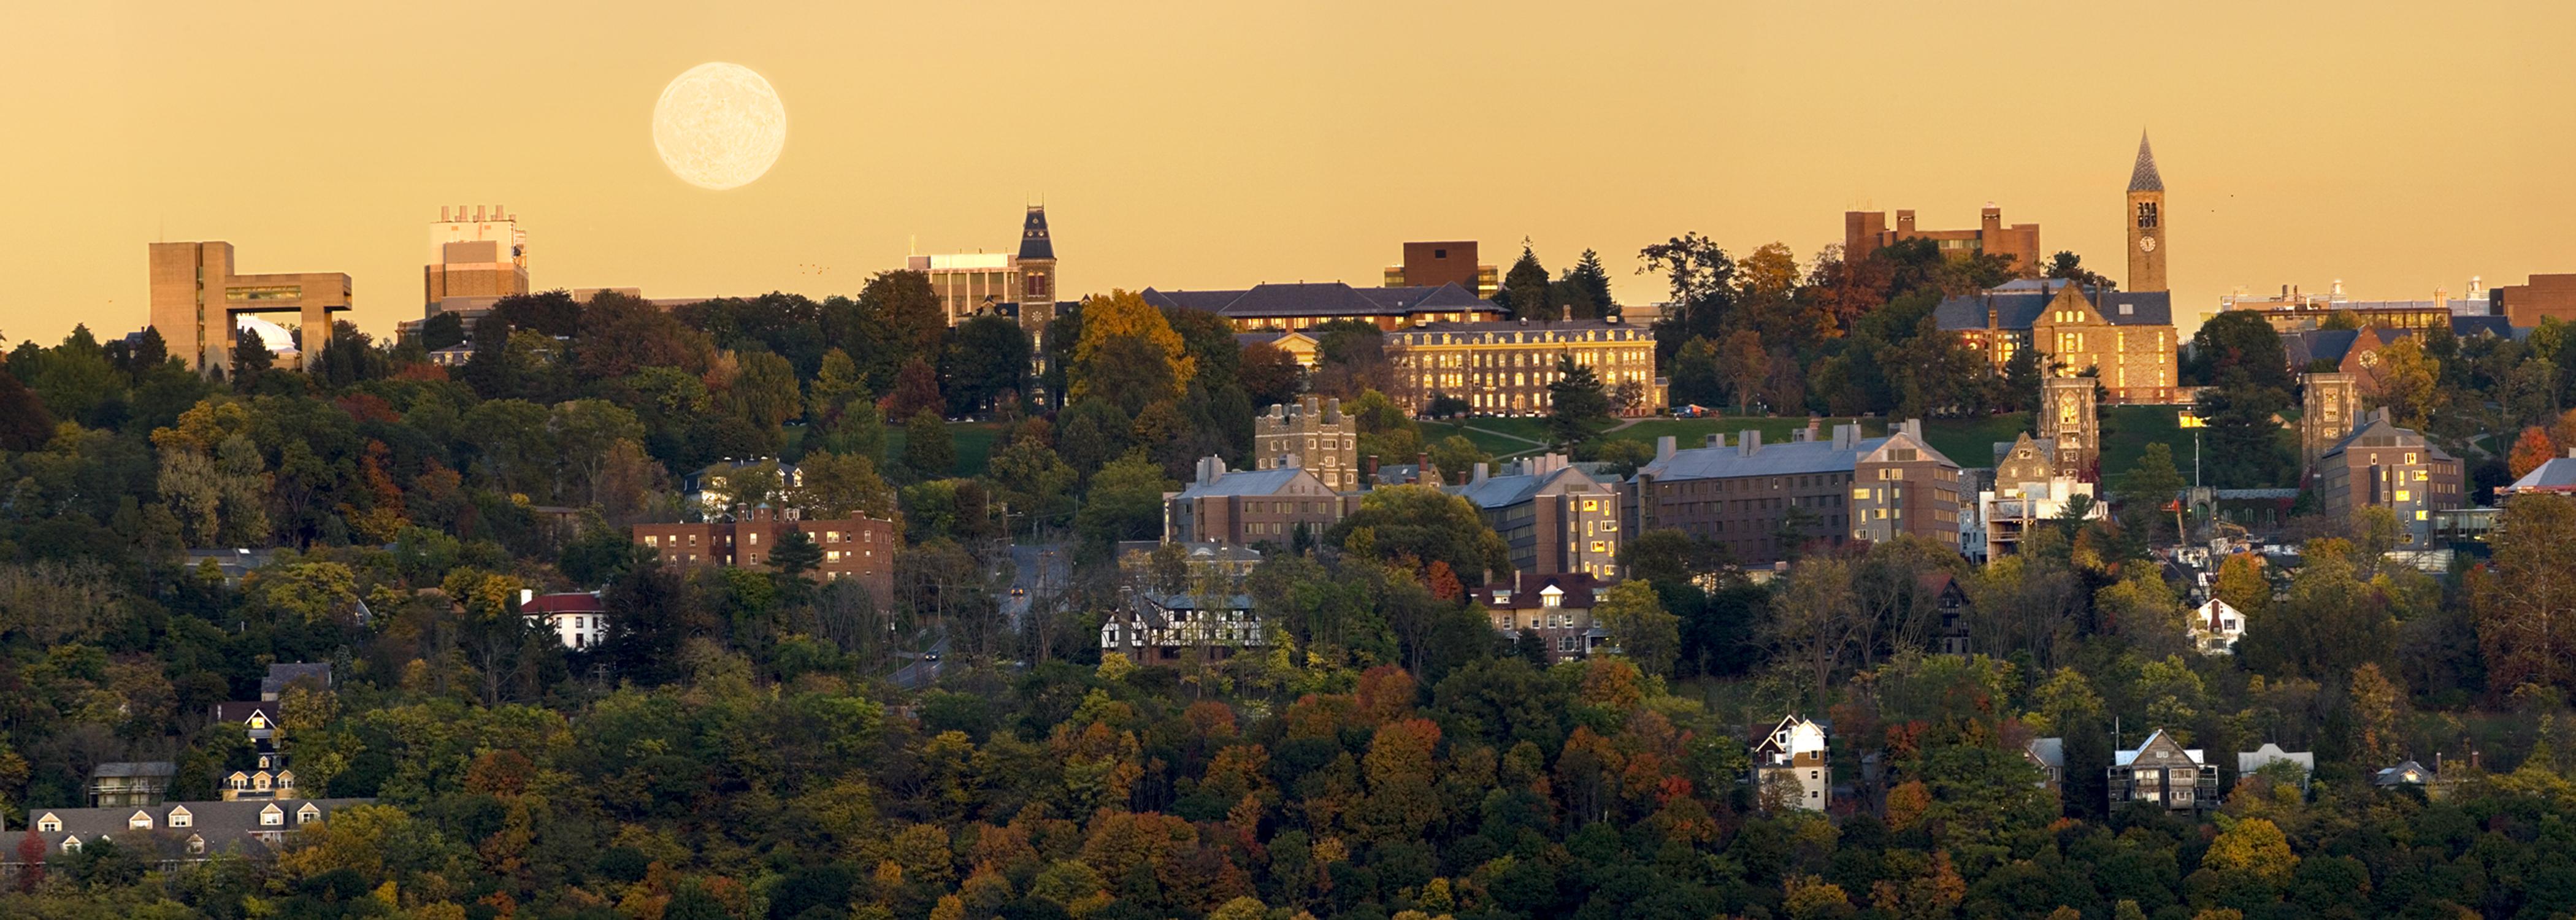 Grading | Cornell University Registrar